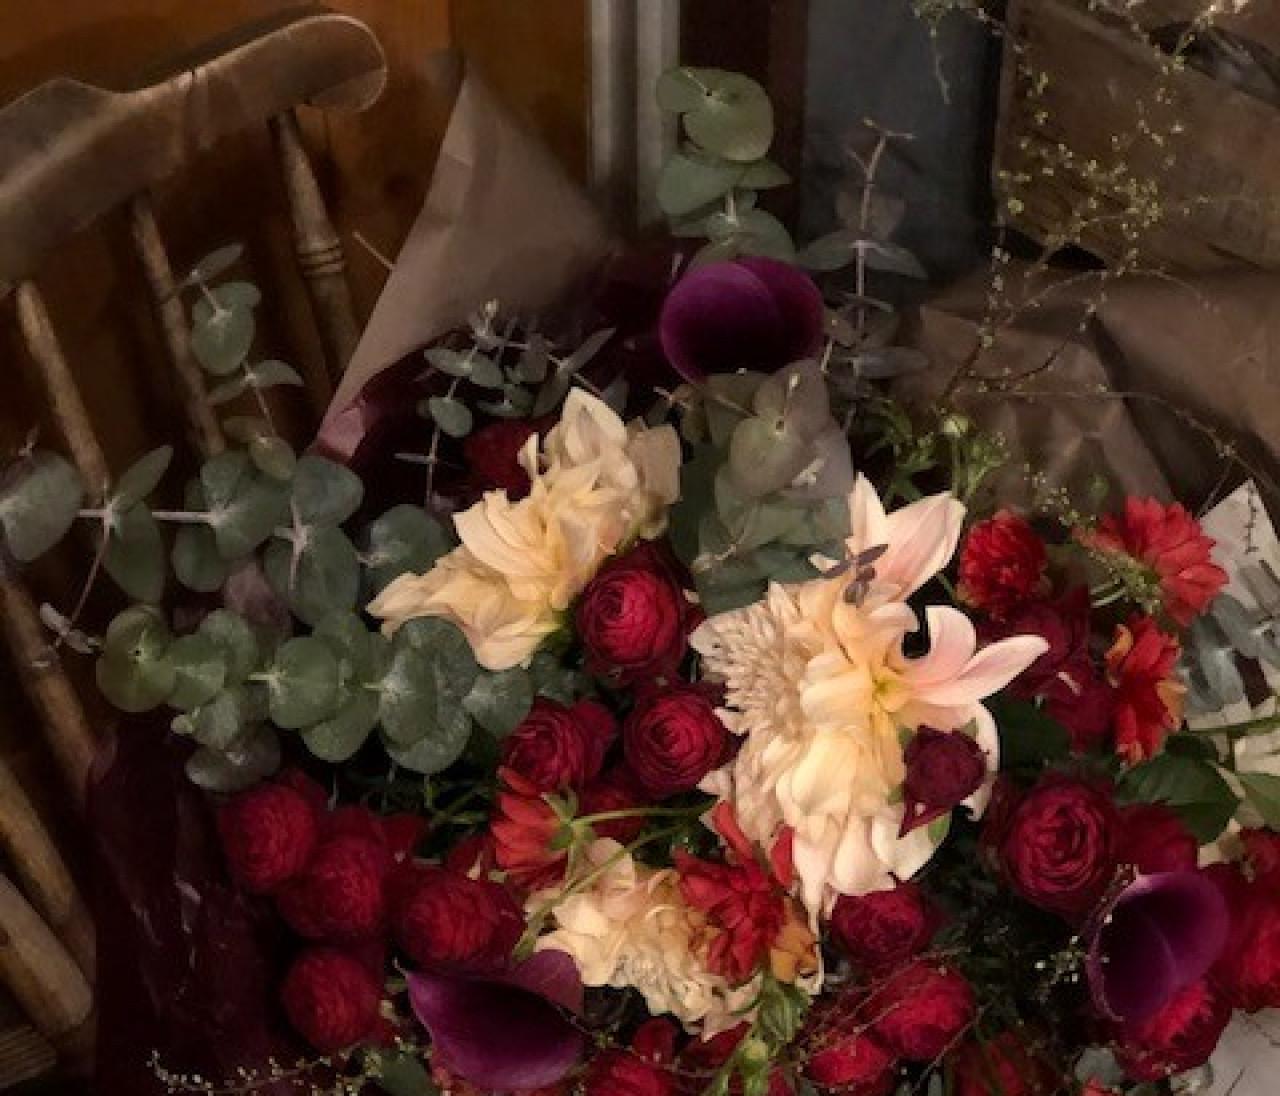 大切なひとへのギフトに、自分へのご褒美に。figue L'Atelier des Fleurs のブーケ [エディターのおうち私物#235]